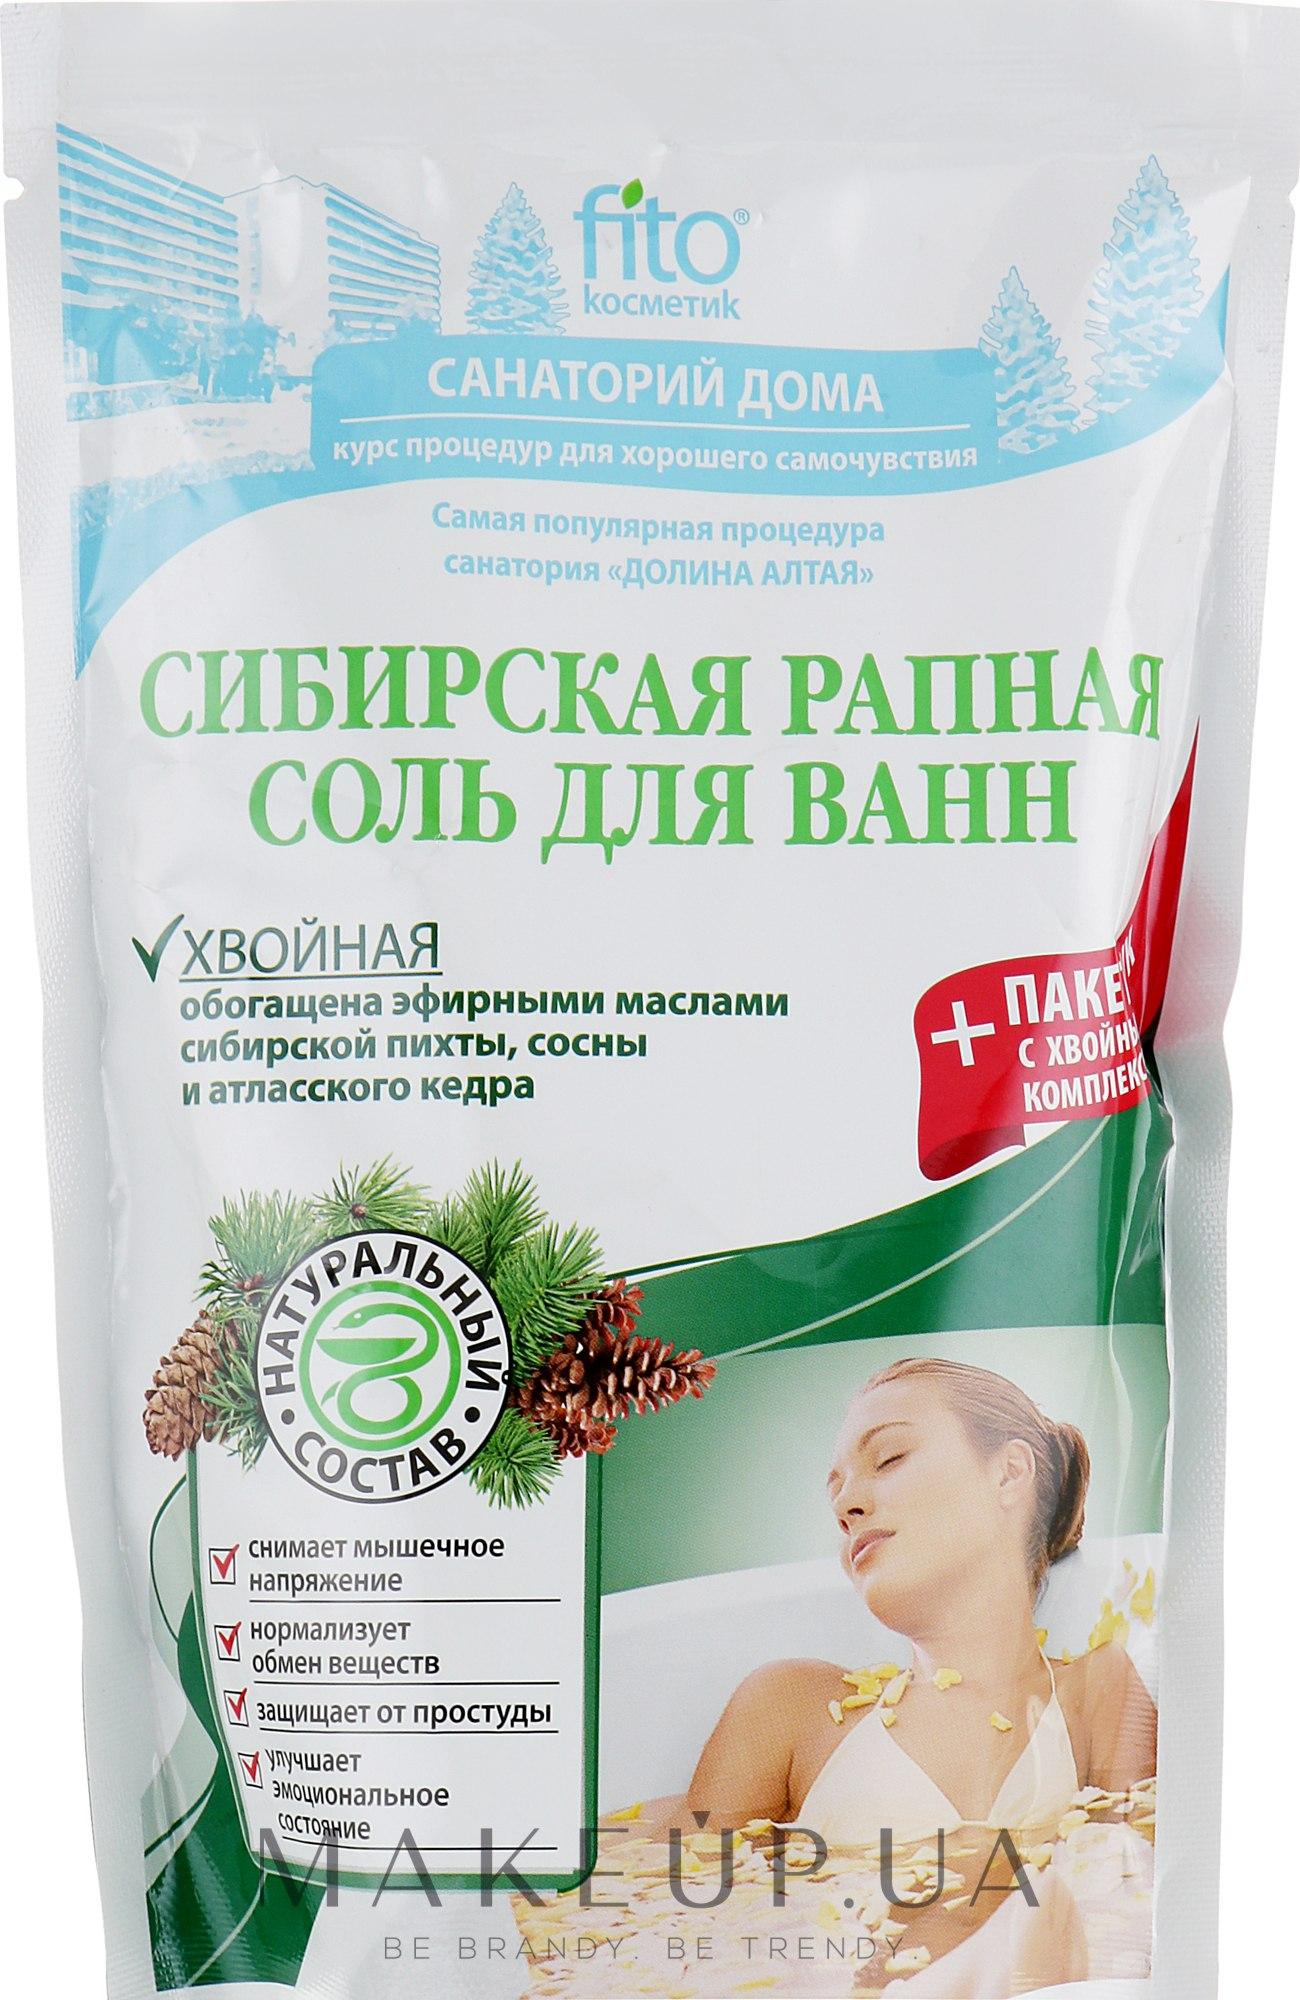 Купить косметику виши в украине косметика эйвон страна производитель